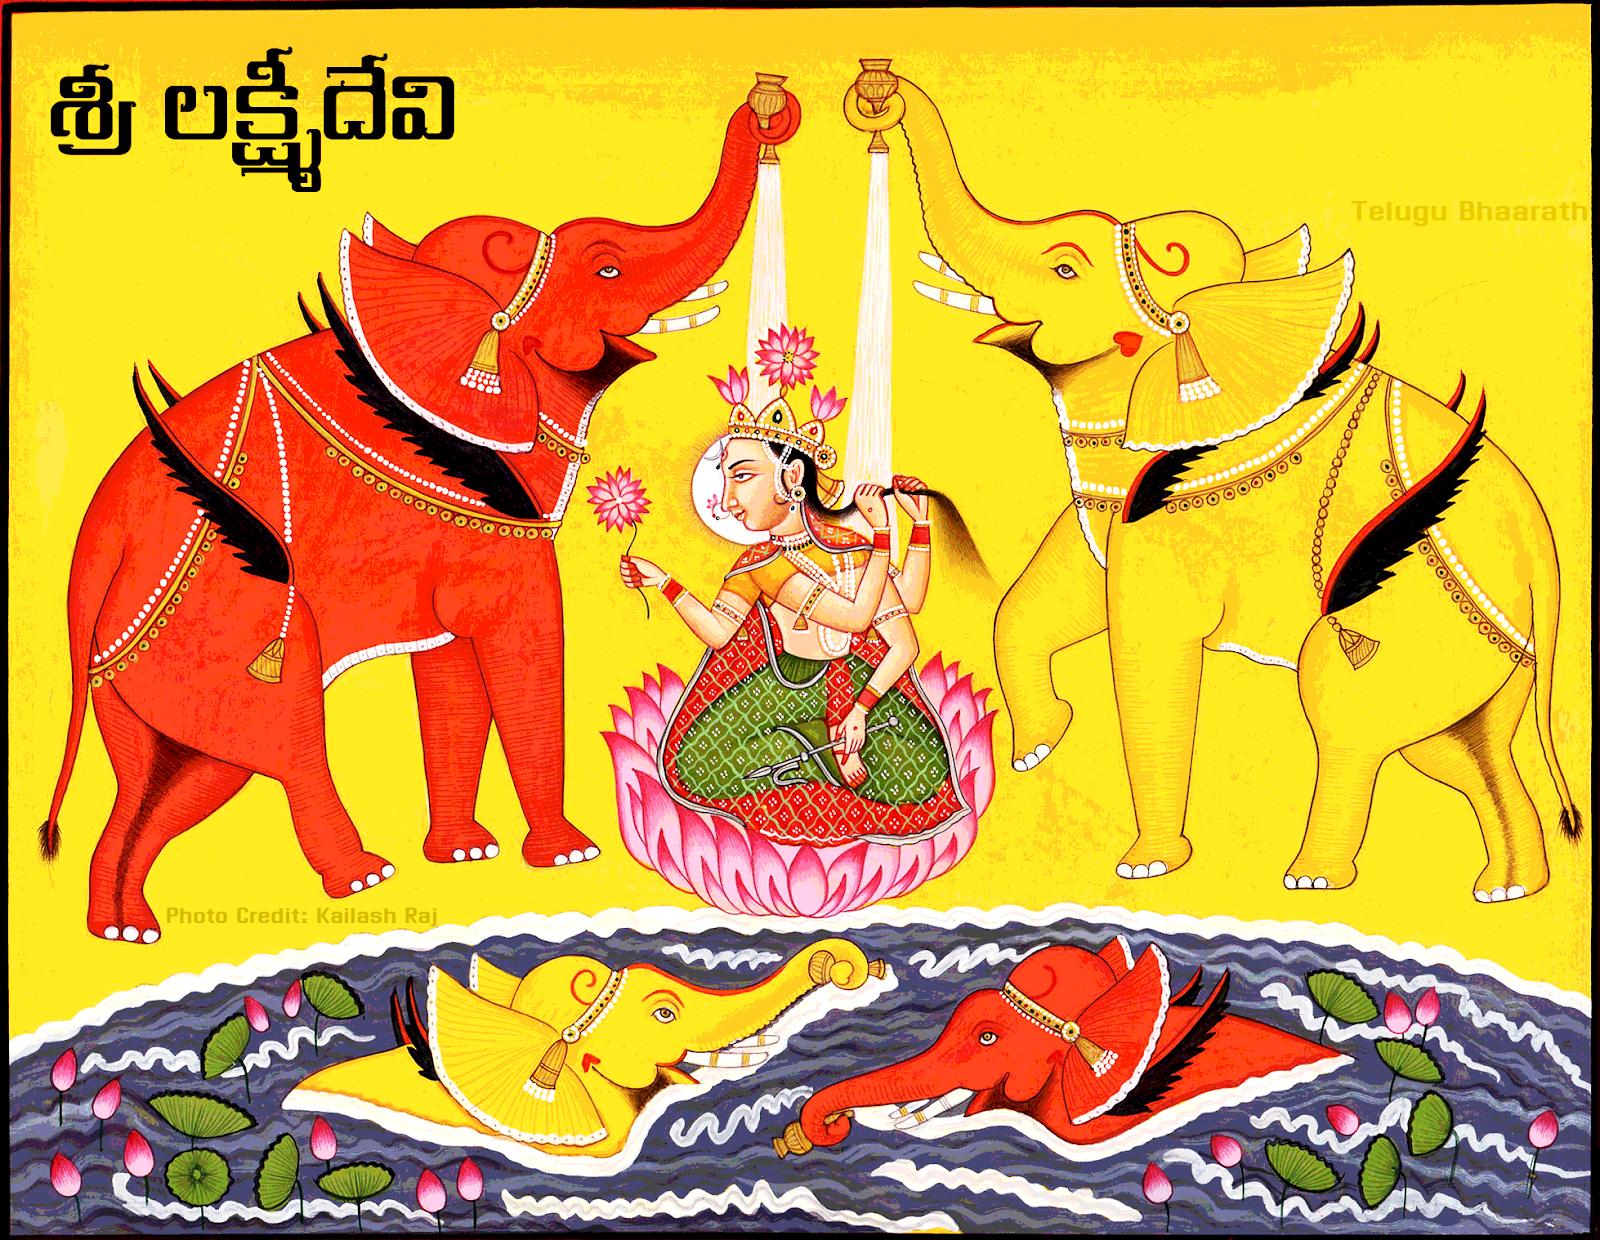 లక్ష్మీదేవి తామర పువ్వులోనూ, ఇరుప్రక్కలా ఏనుగులతోనూ ఎందుకు ఉంటుంది? - Why is Lakshmidevi in a lotus flower and with elephants on both sides?